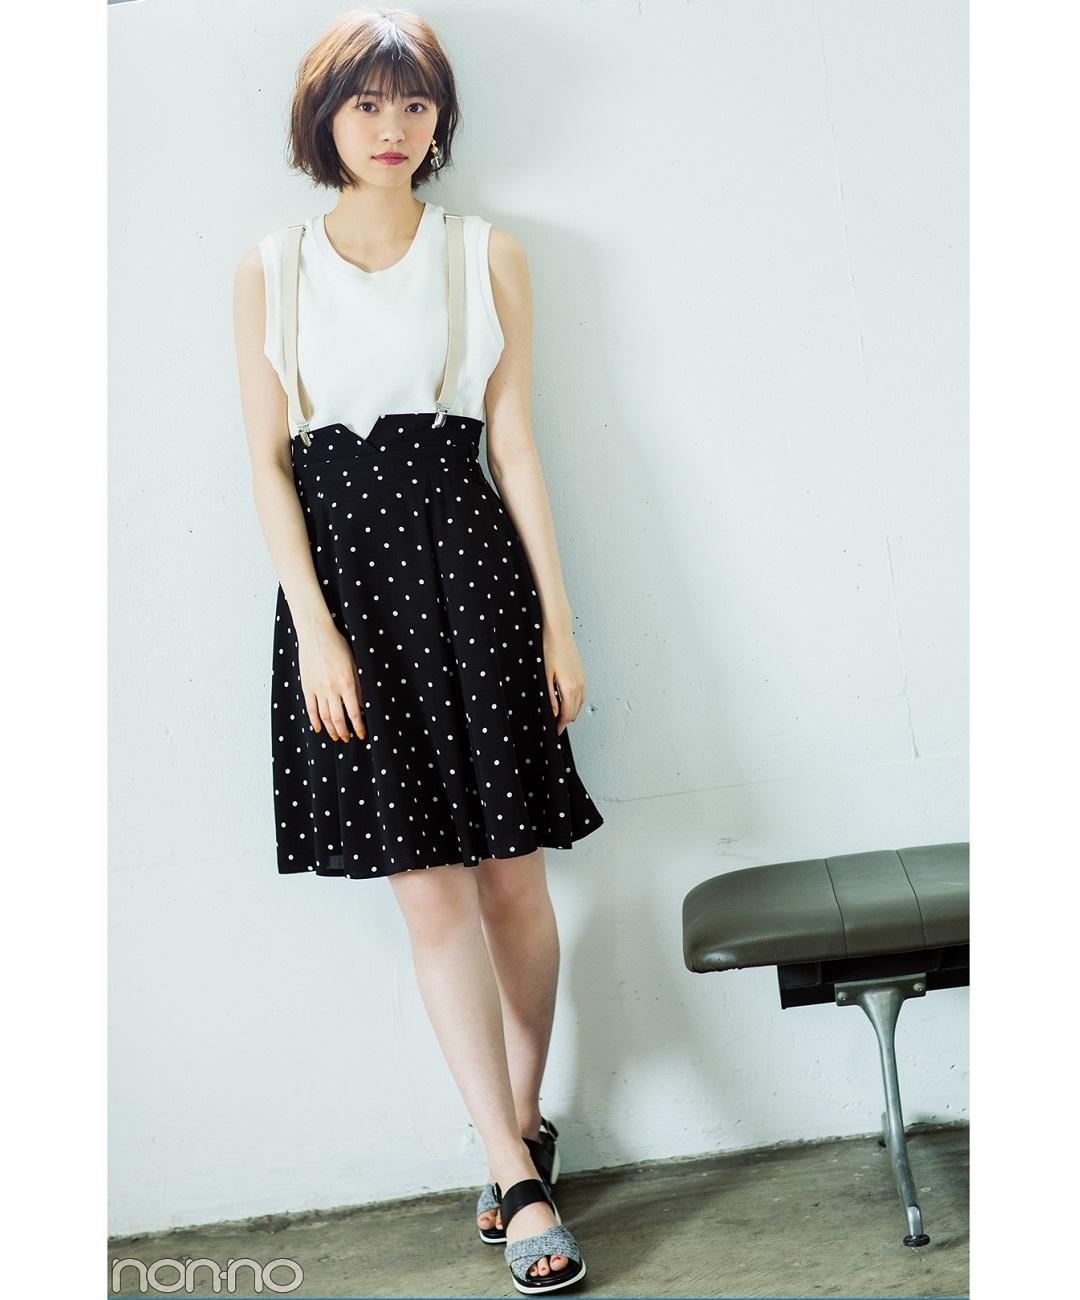 【夏のノースリーブコーデ】西野七瀬は、白ノースリをサスペンダースカートと合わせてレトロ可愛く